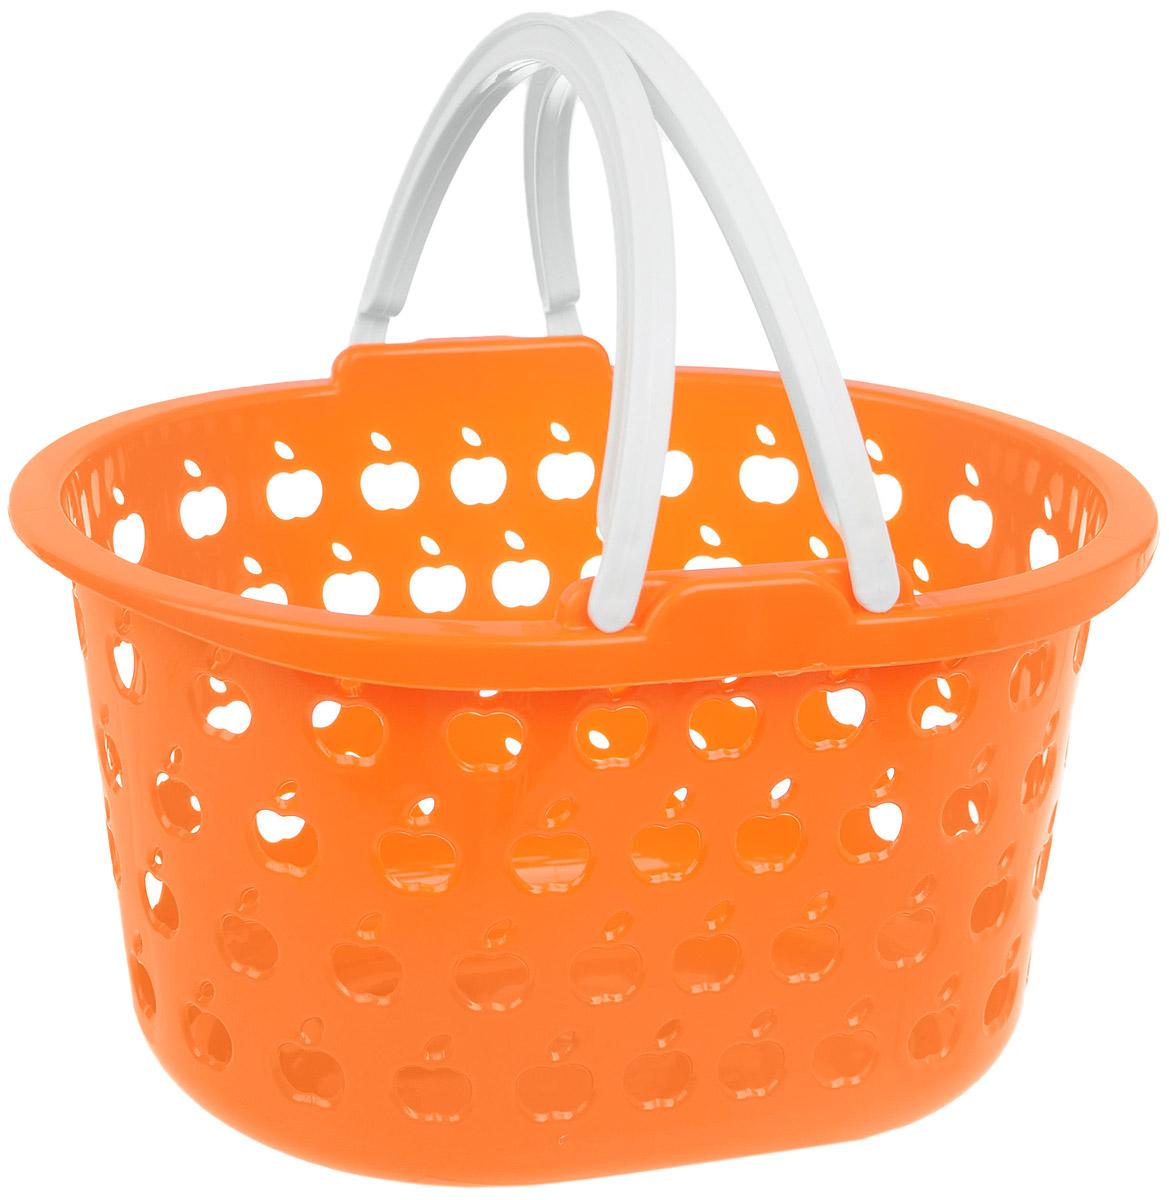 Корзина Полимербыт Стайл, цвет: оранжевый, белый, 3,2 лС832_оранжевый, белыйОвальная корзина Полимербыт Стайл изготовлена из высококачественного цветного пластика и декорирована перфорацией в виде яблок. Она предназначена для хранения различных мелочей дома или на даче. Для удобства переноски имеются две ручки. Позволяет хранить мелкие вещи, исключая возможность их потери. Корзина очень вместительная. Элегантный выдержанный дизайн позволяет органично вписаться в ваш интерьер и стать его элементом. Размер корзины (без учета ручек): 23 см х 18,5 см х 14 см.